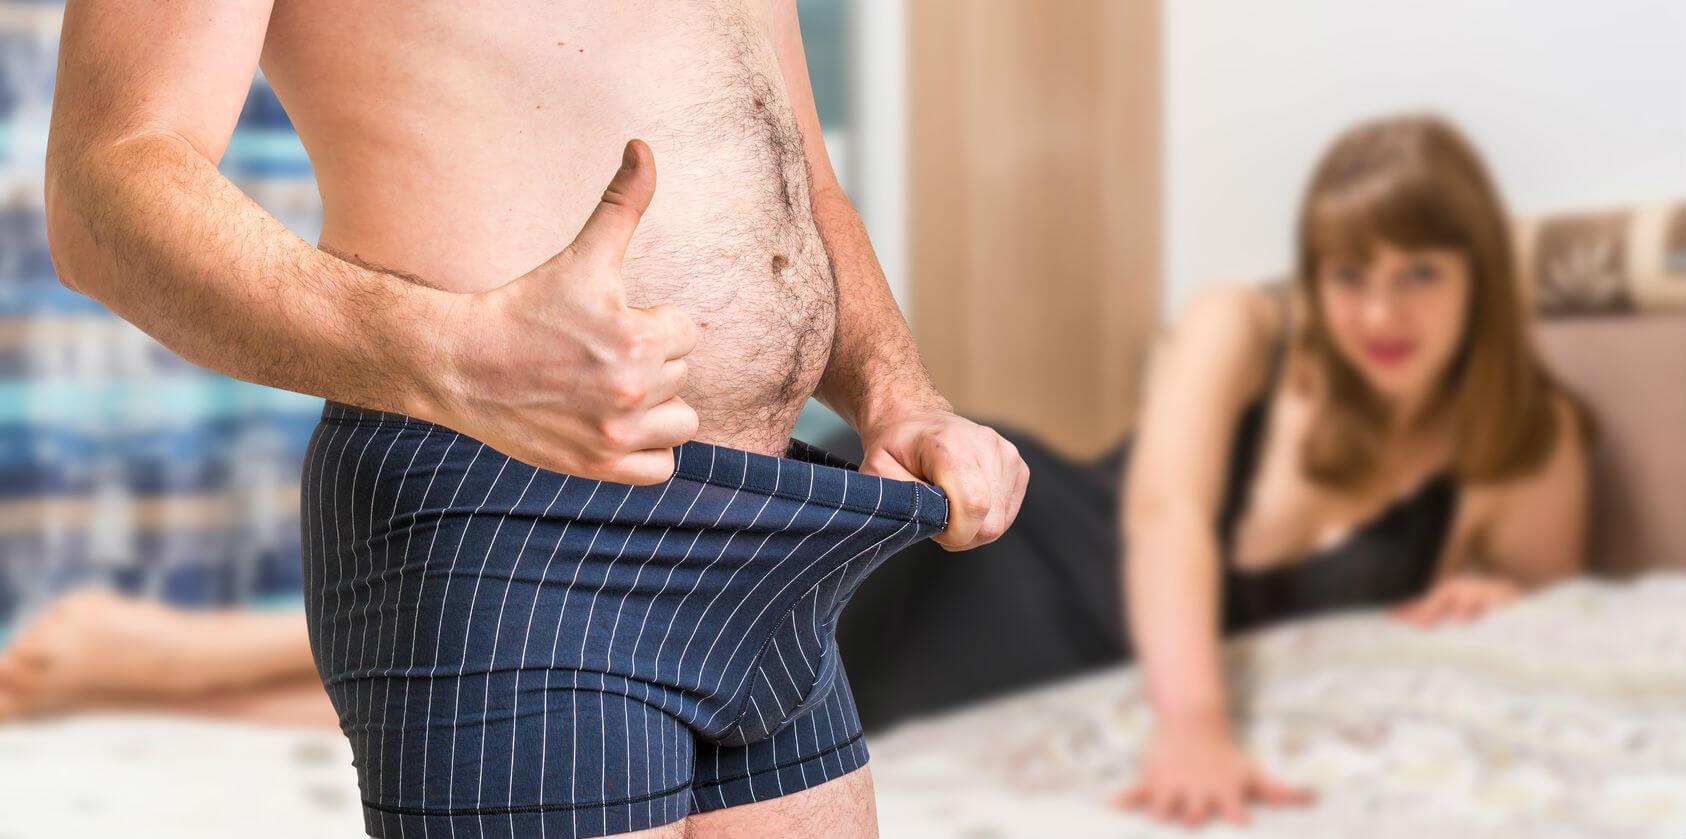 ami után csökkenhet az erekció az erekció hiánya a fiúknál